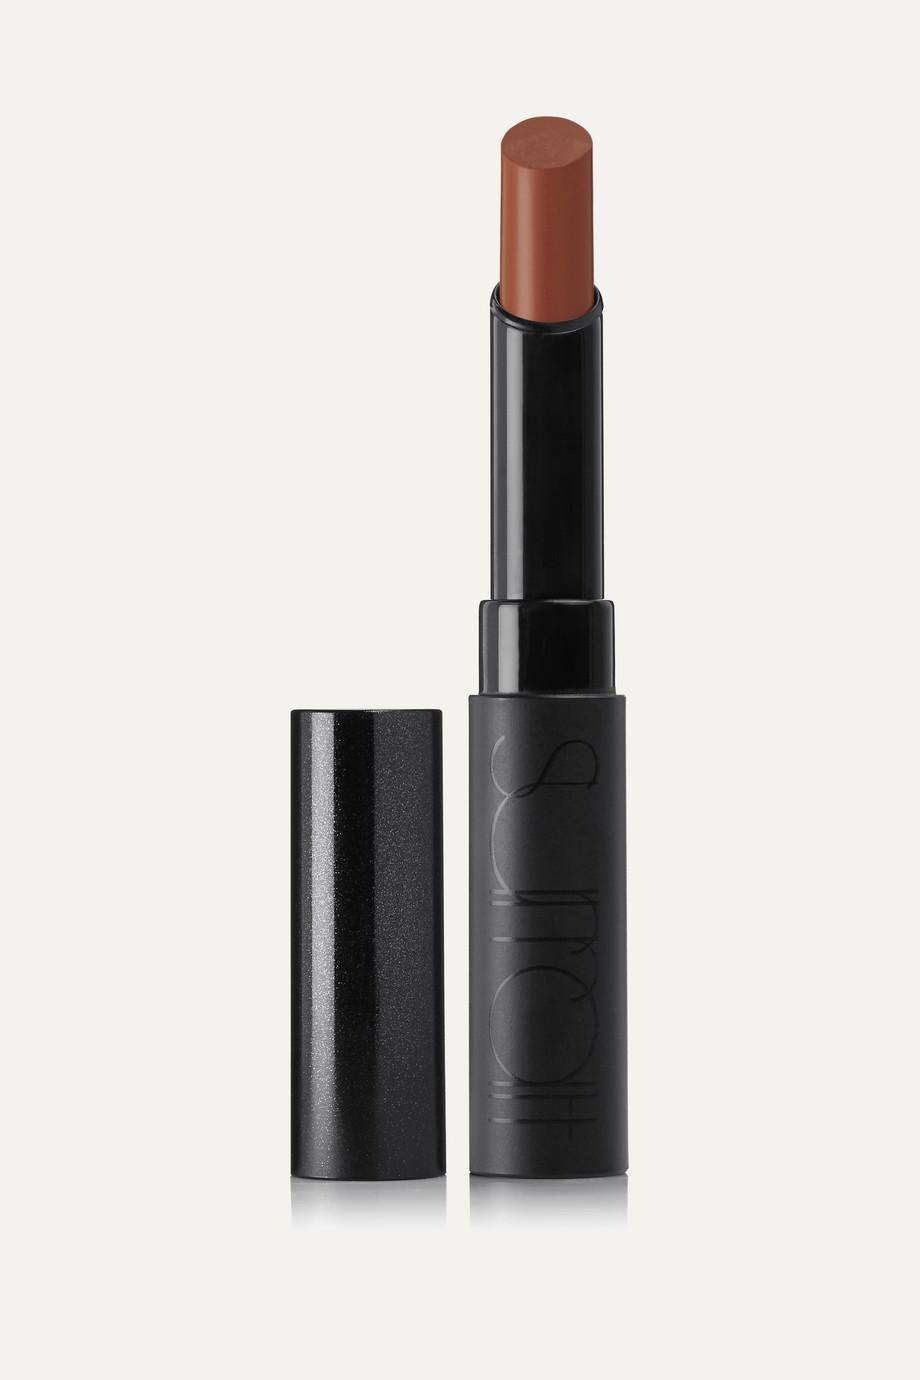 Surratt Beauty Surreal Skin Concealer – 08 – Concealer